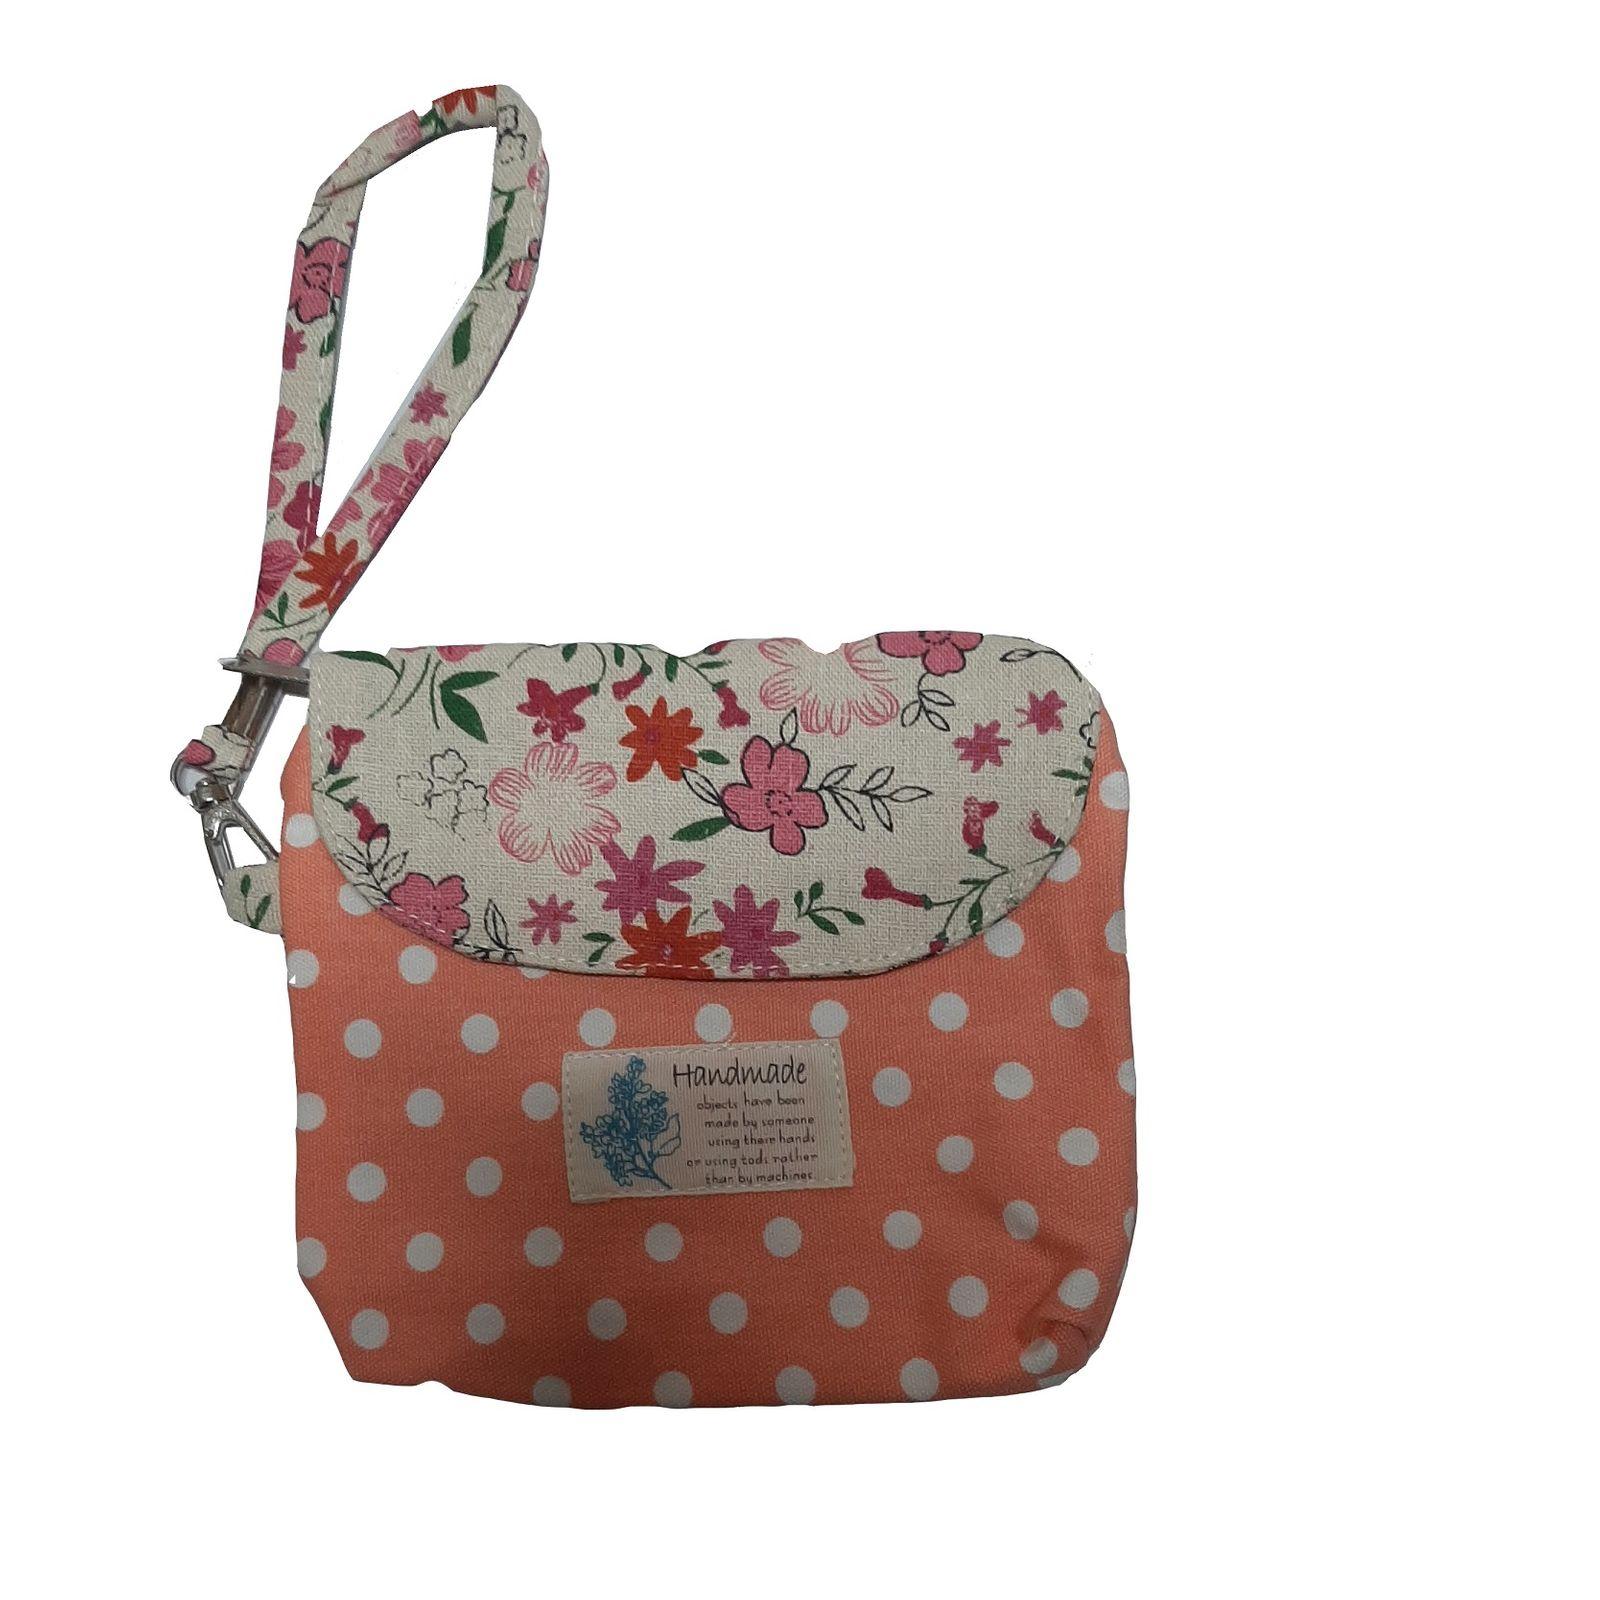 کیف لوازم آرایش زنانه مدل ۱۱۲۲ -  - 5